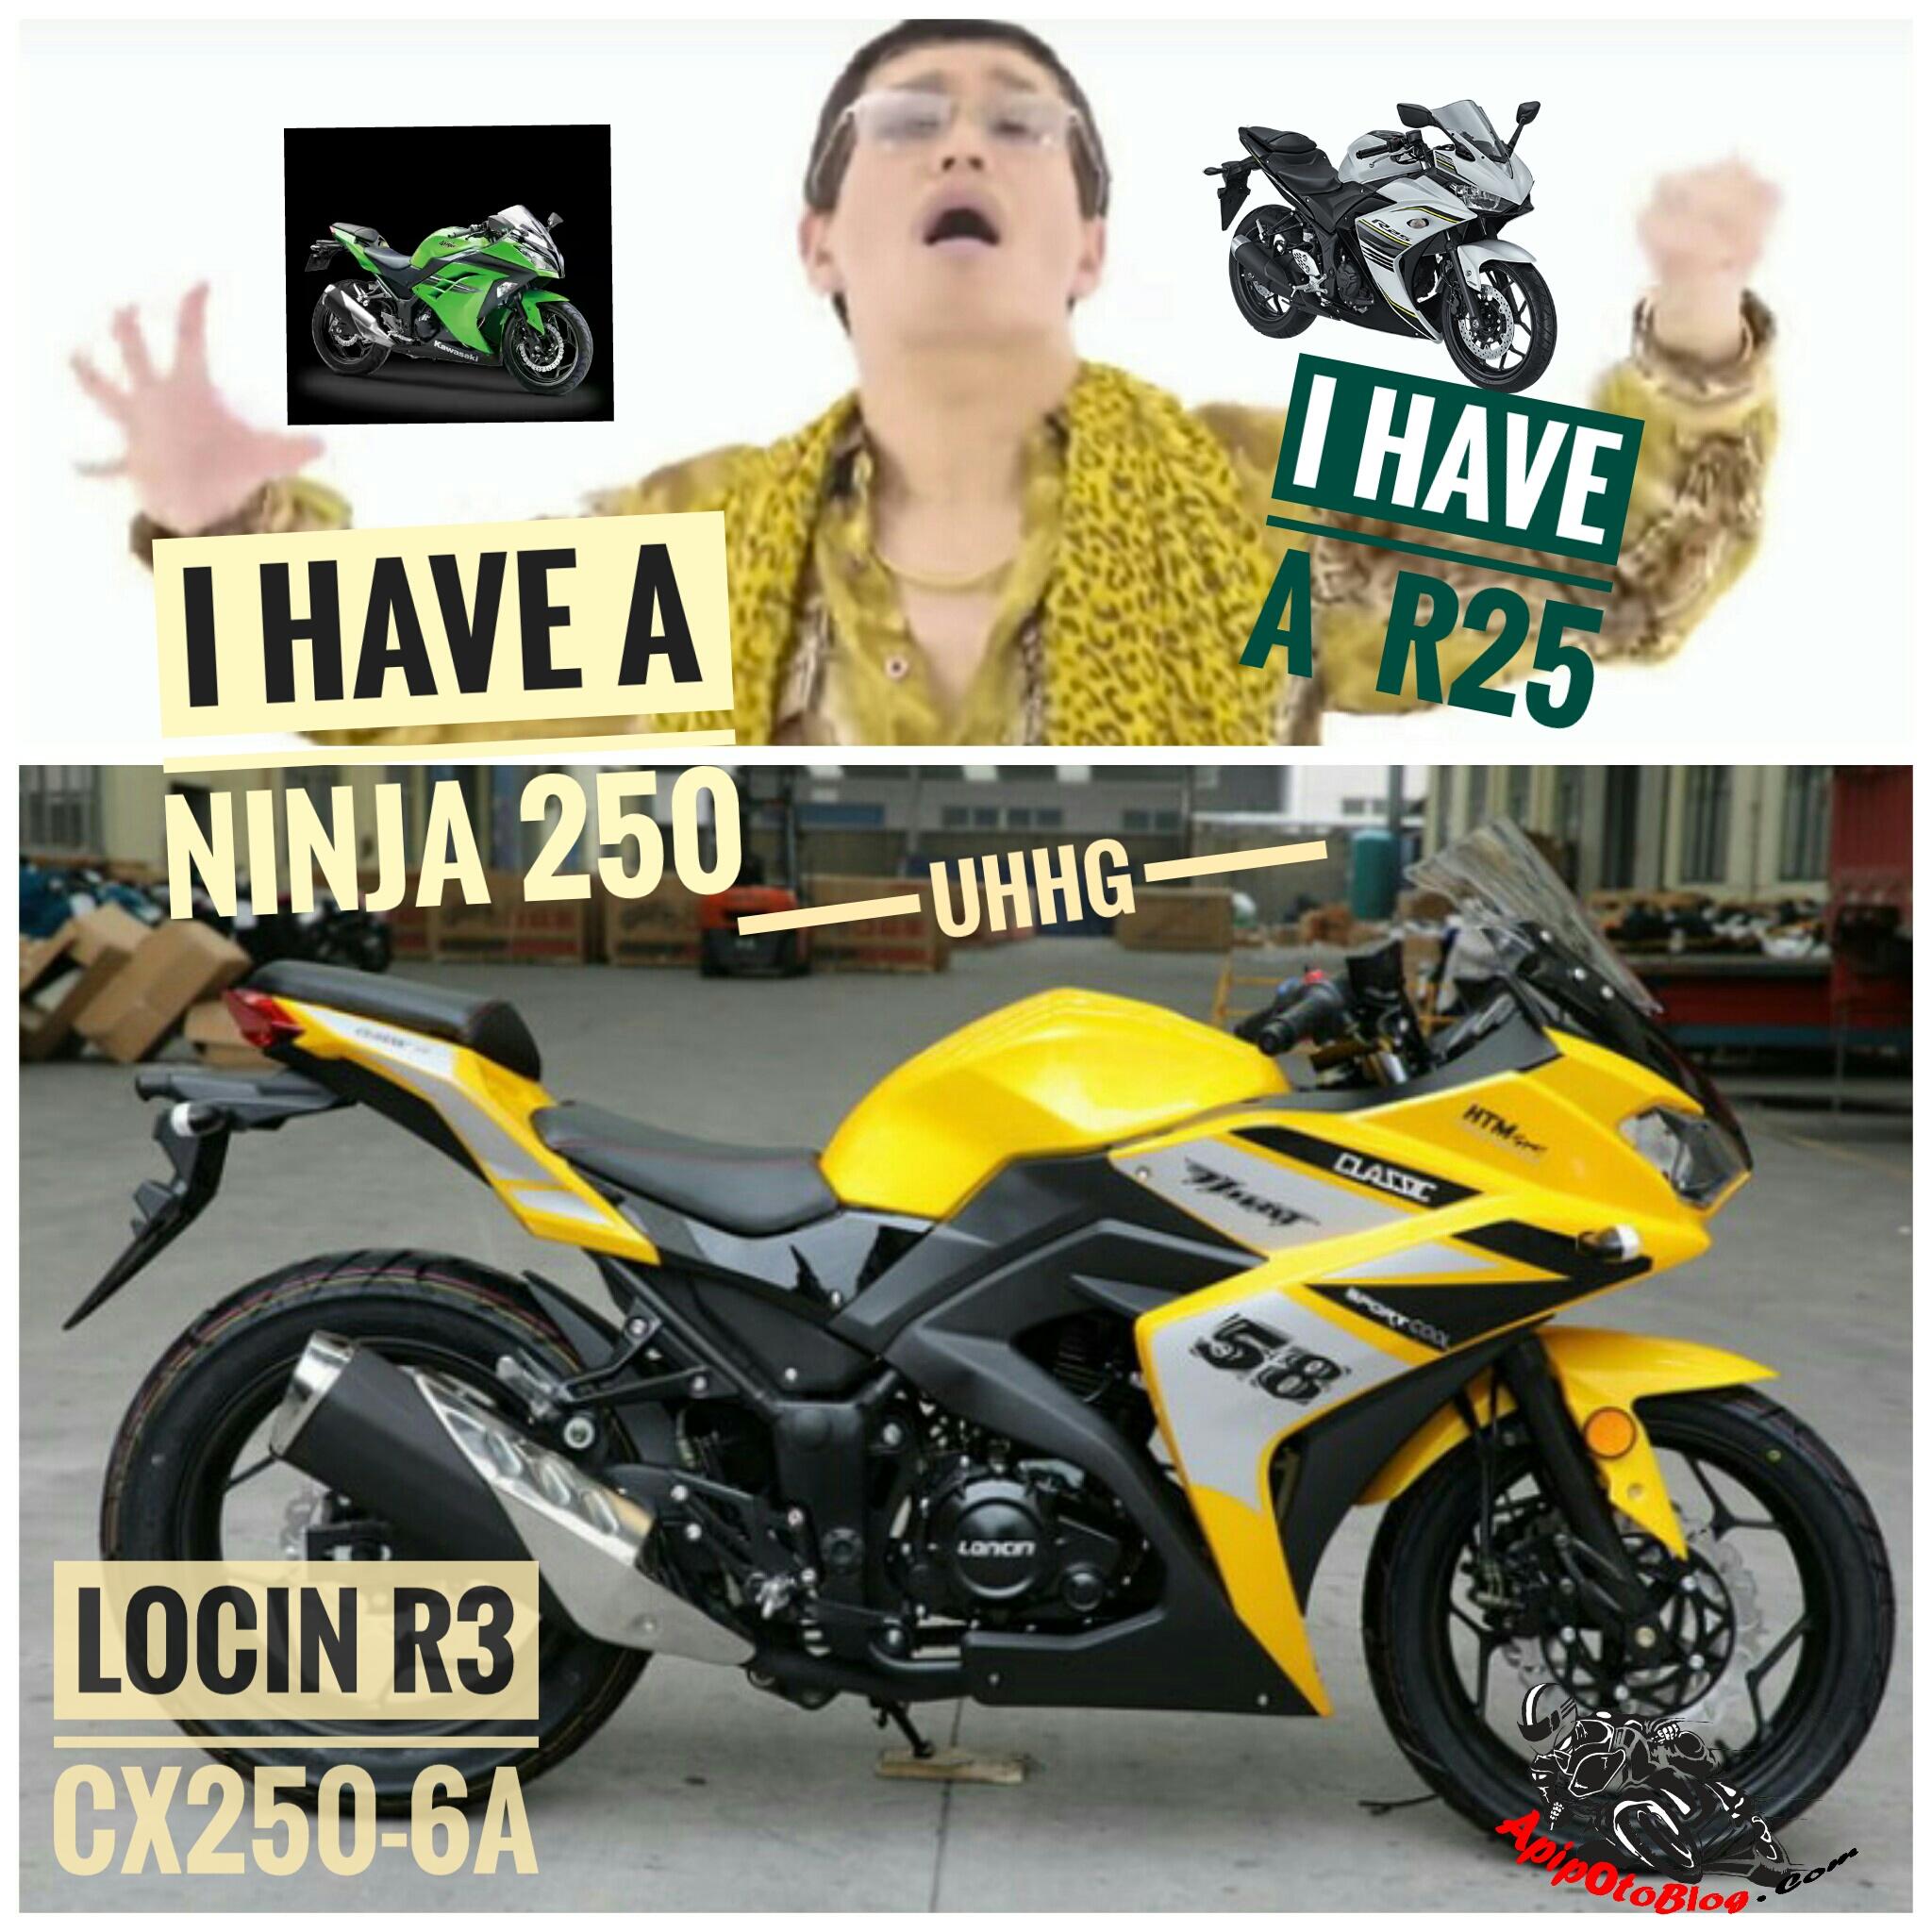 Gabungan motor Ninja 250 sama R25